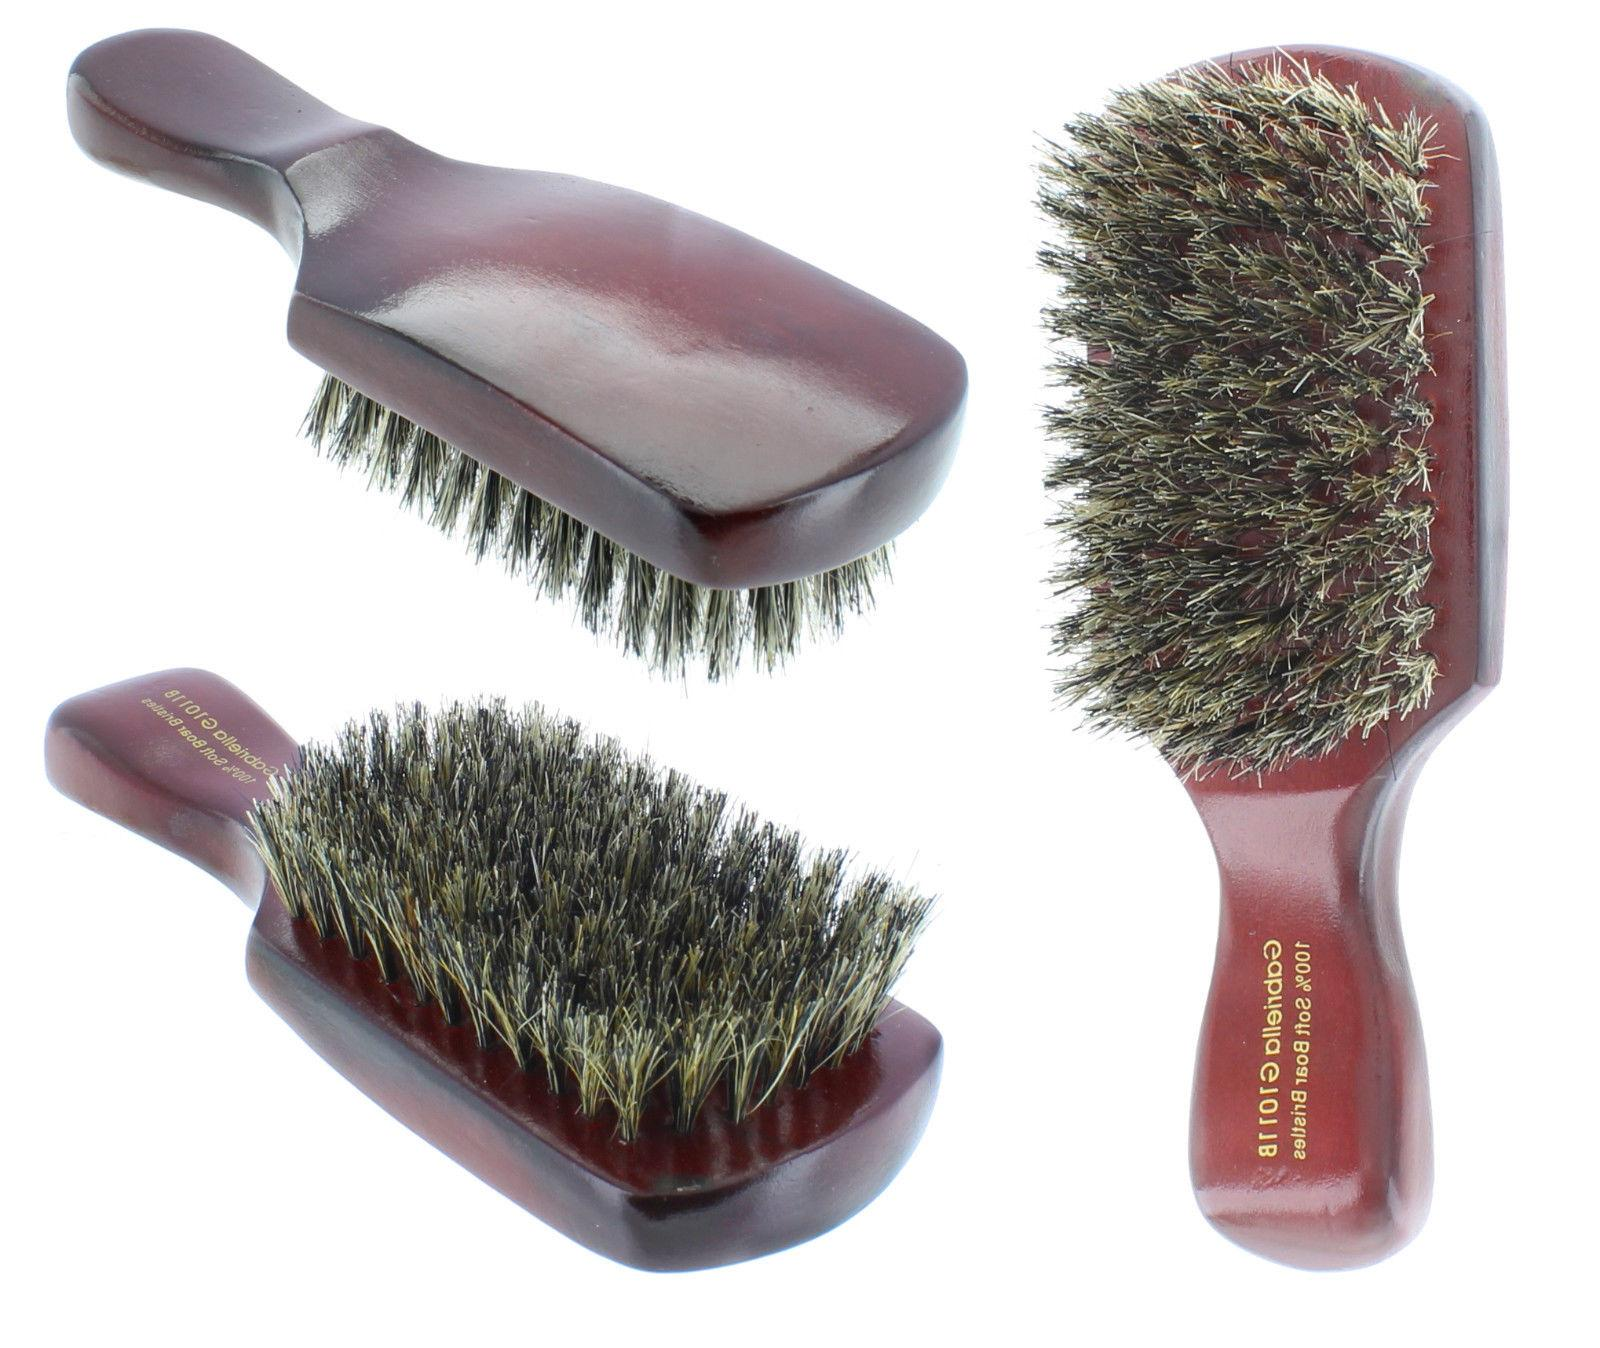 100% Pure Soft Boar Bristle Club Hair Brush Natural Wood Han